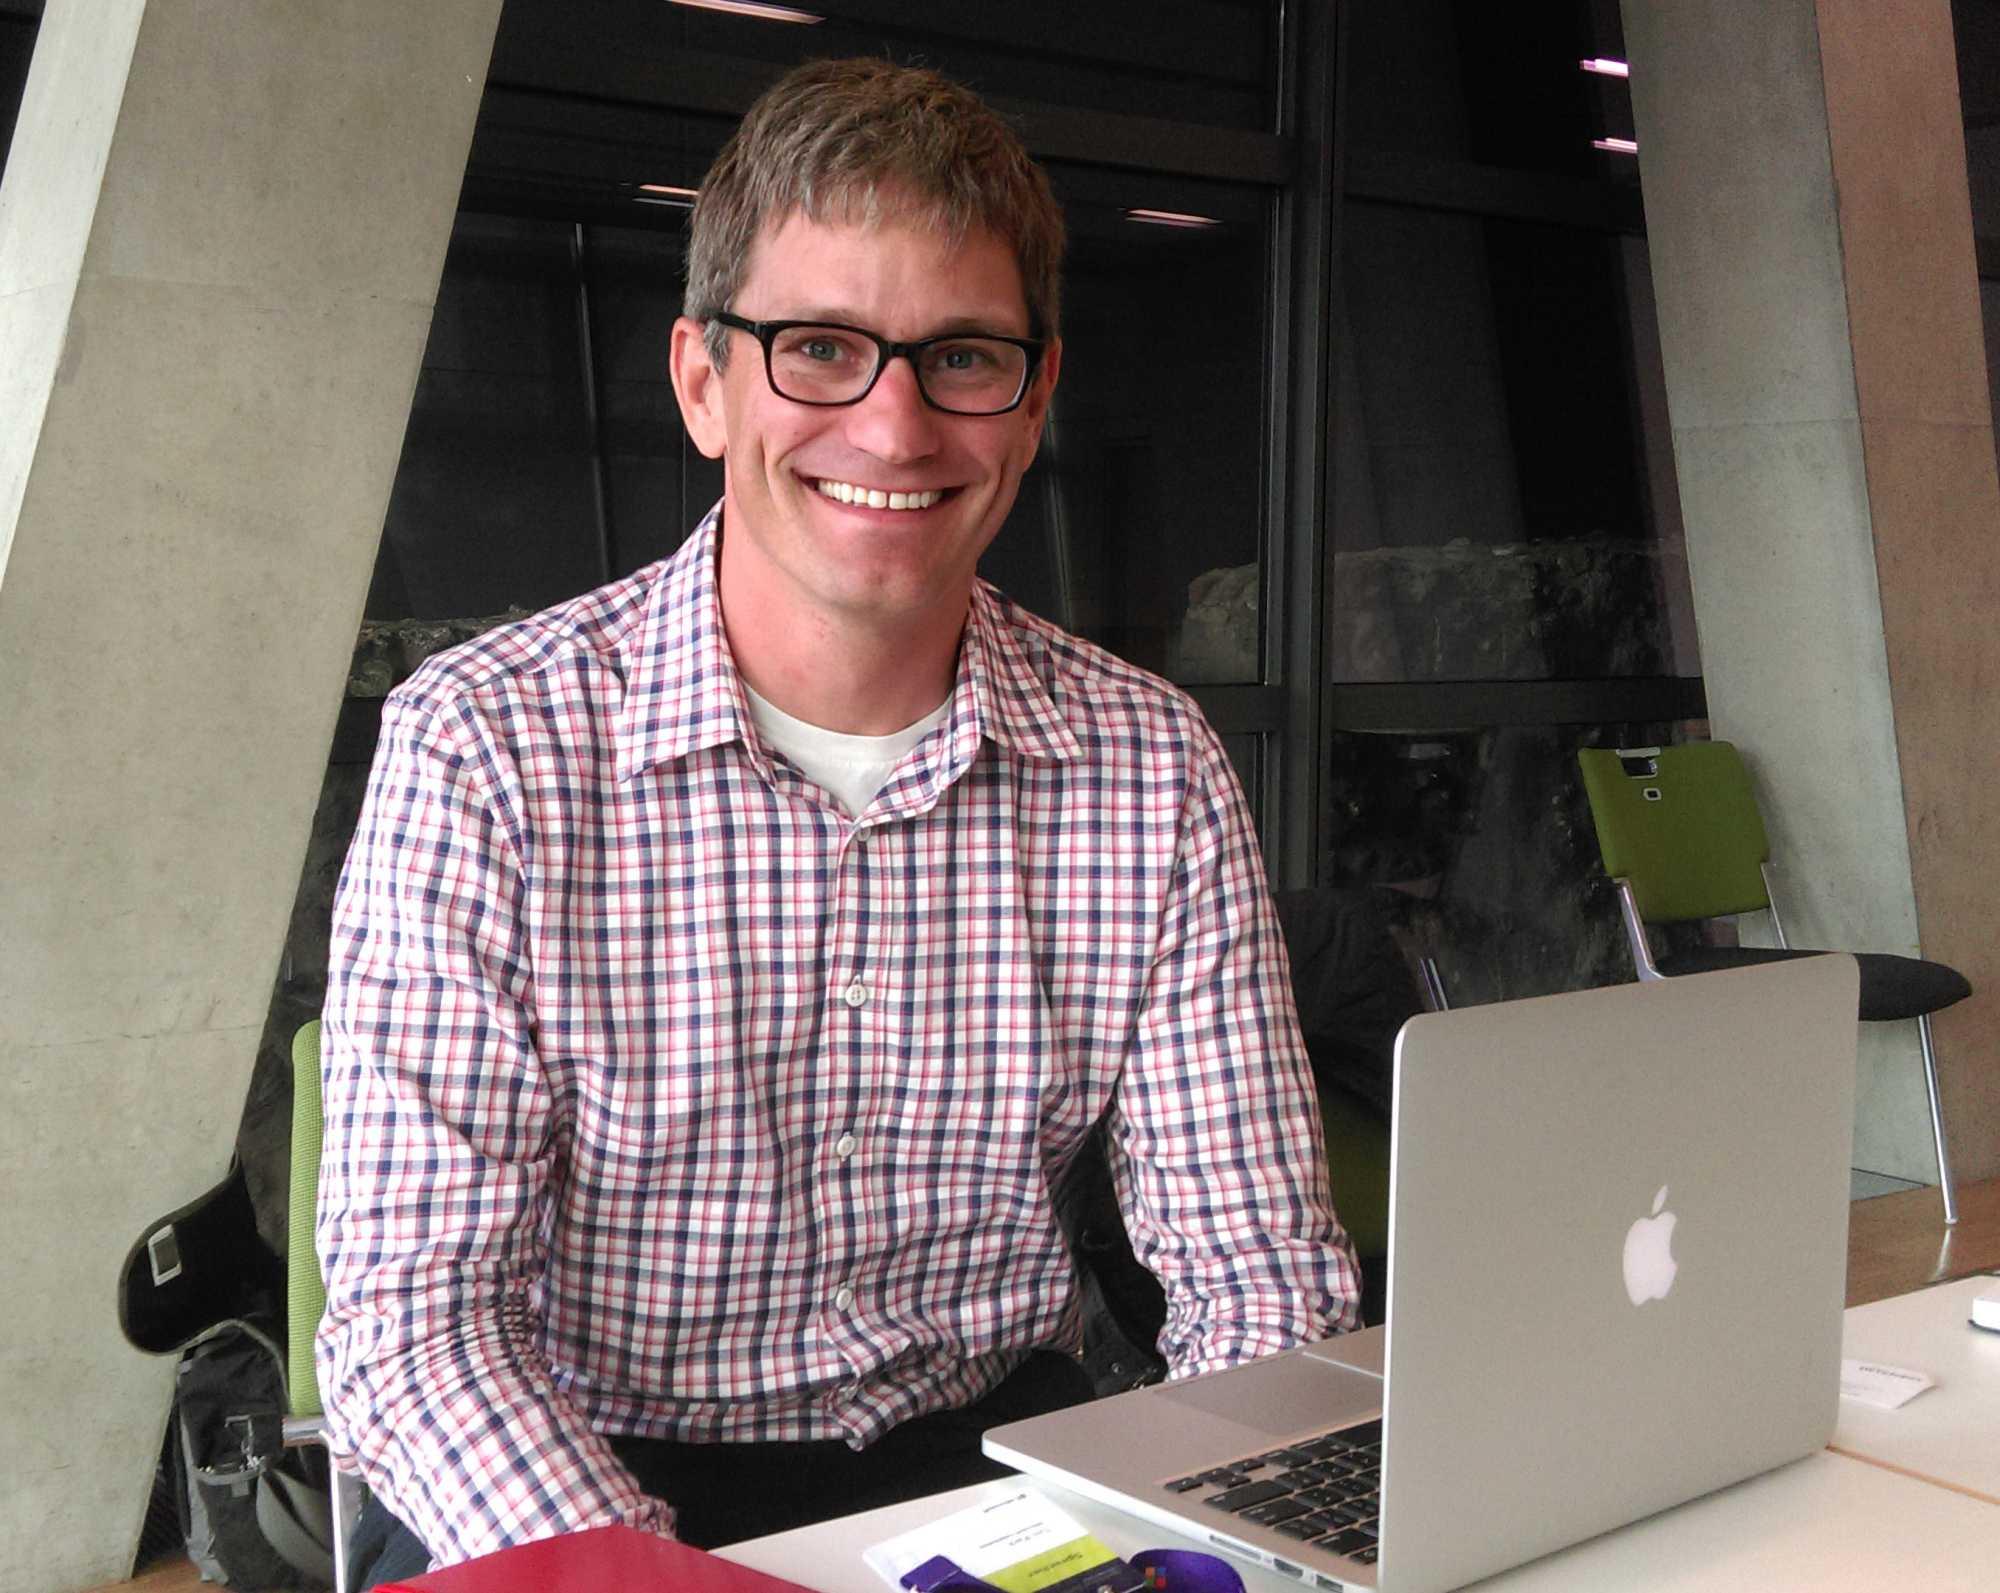 Tim Park ist nicht der erste Microsoft-Angestellte, der mit einem Mac-Rechner zu tun hat.